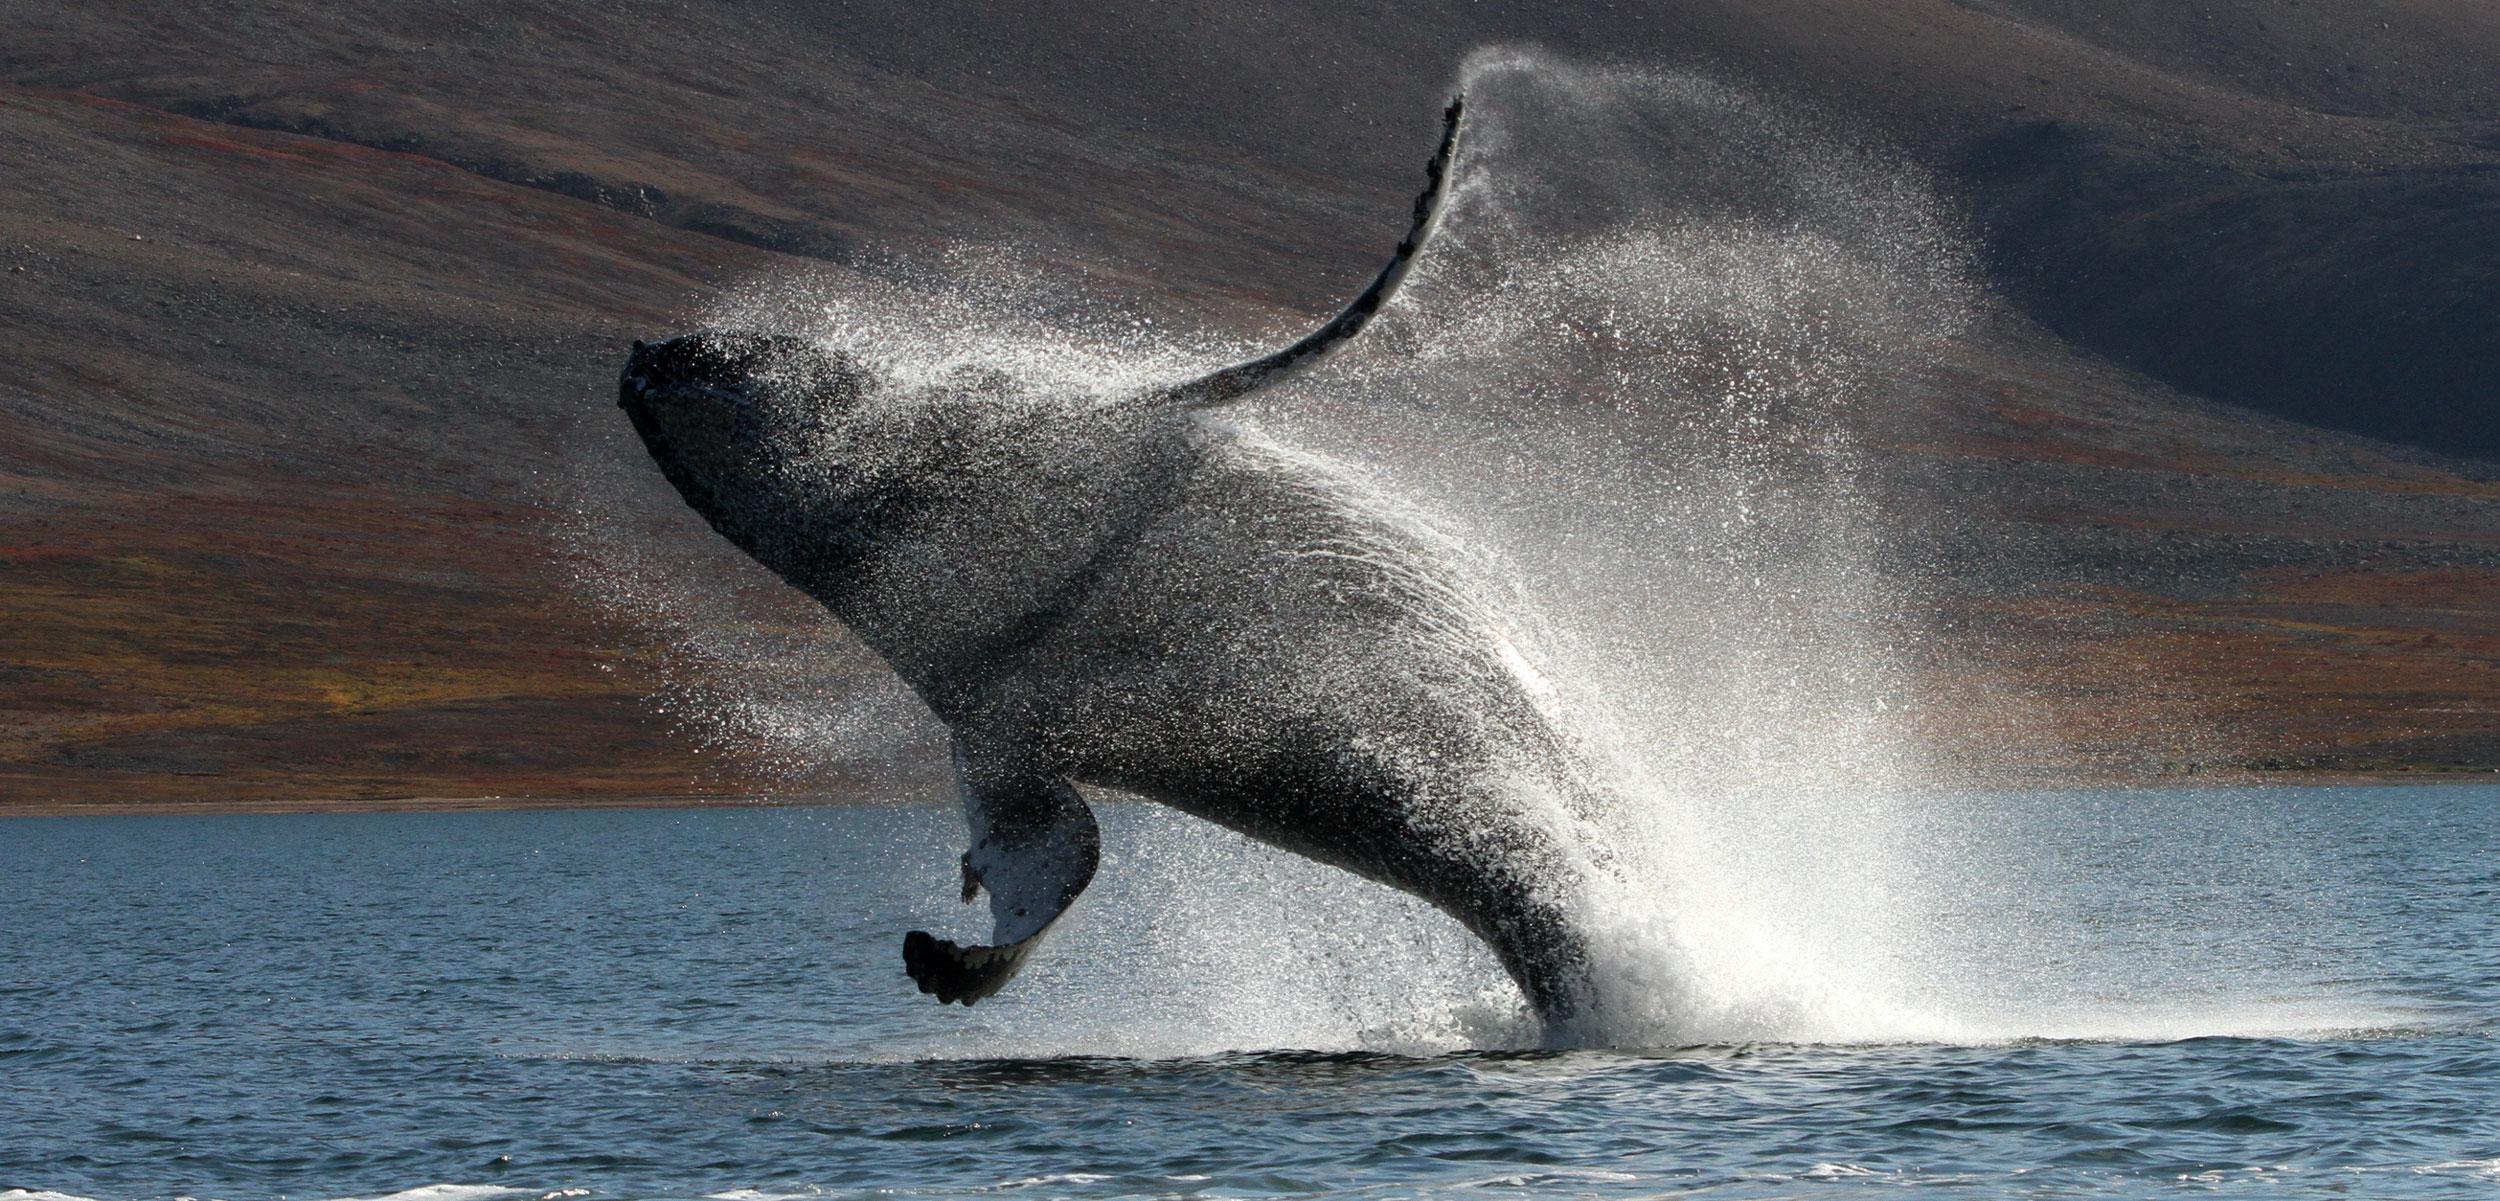 Humpback whale breaching in Russia